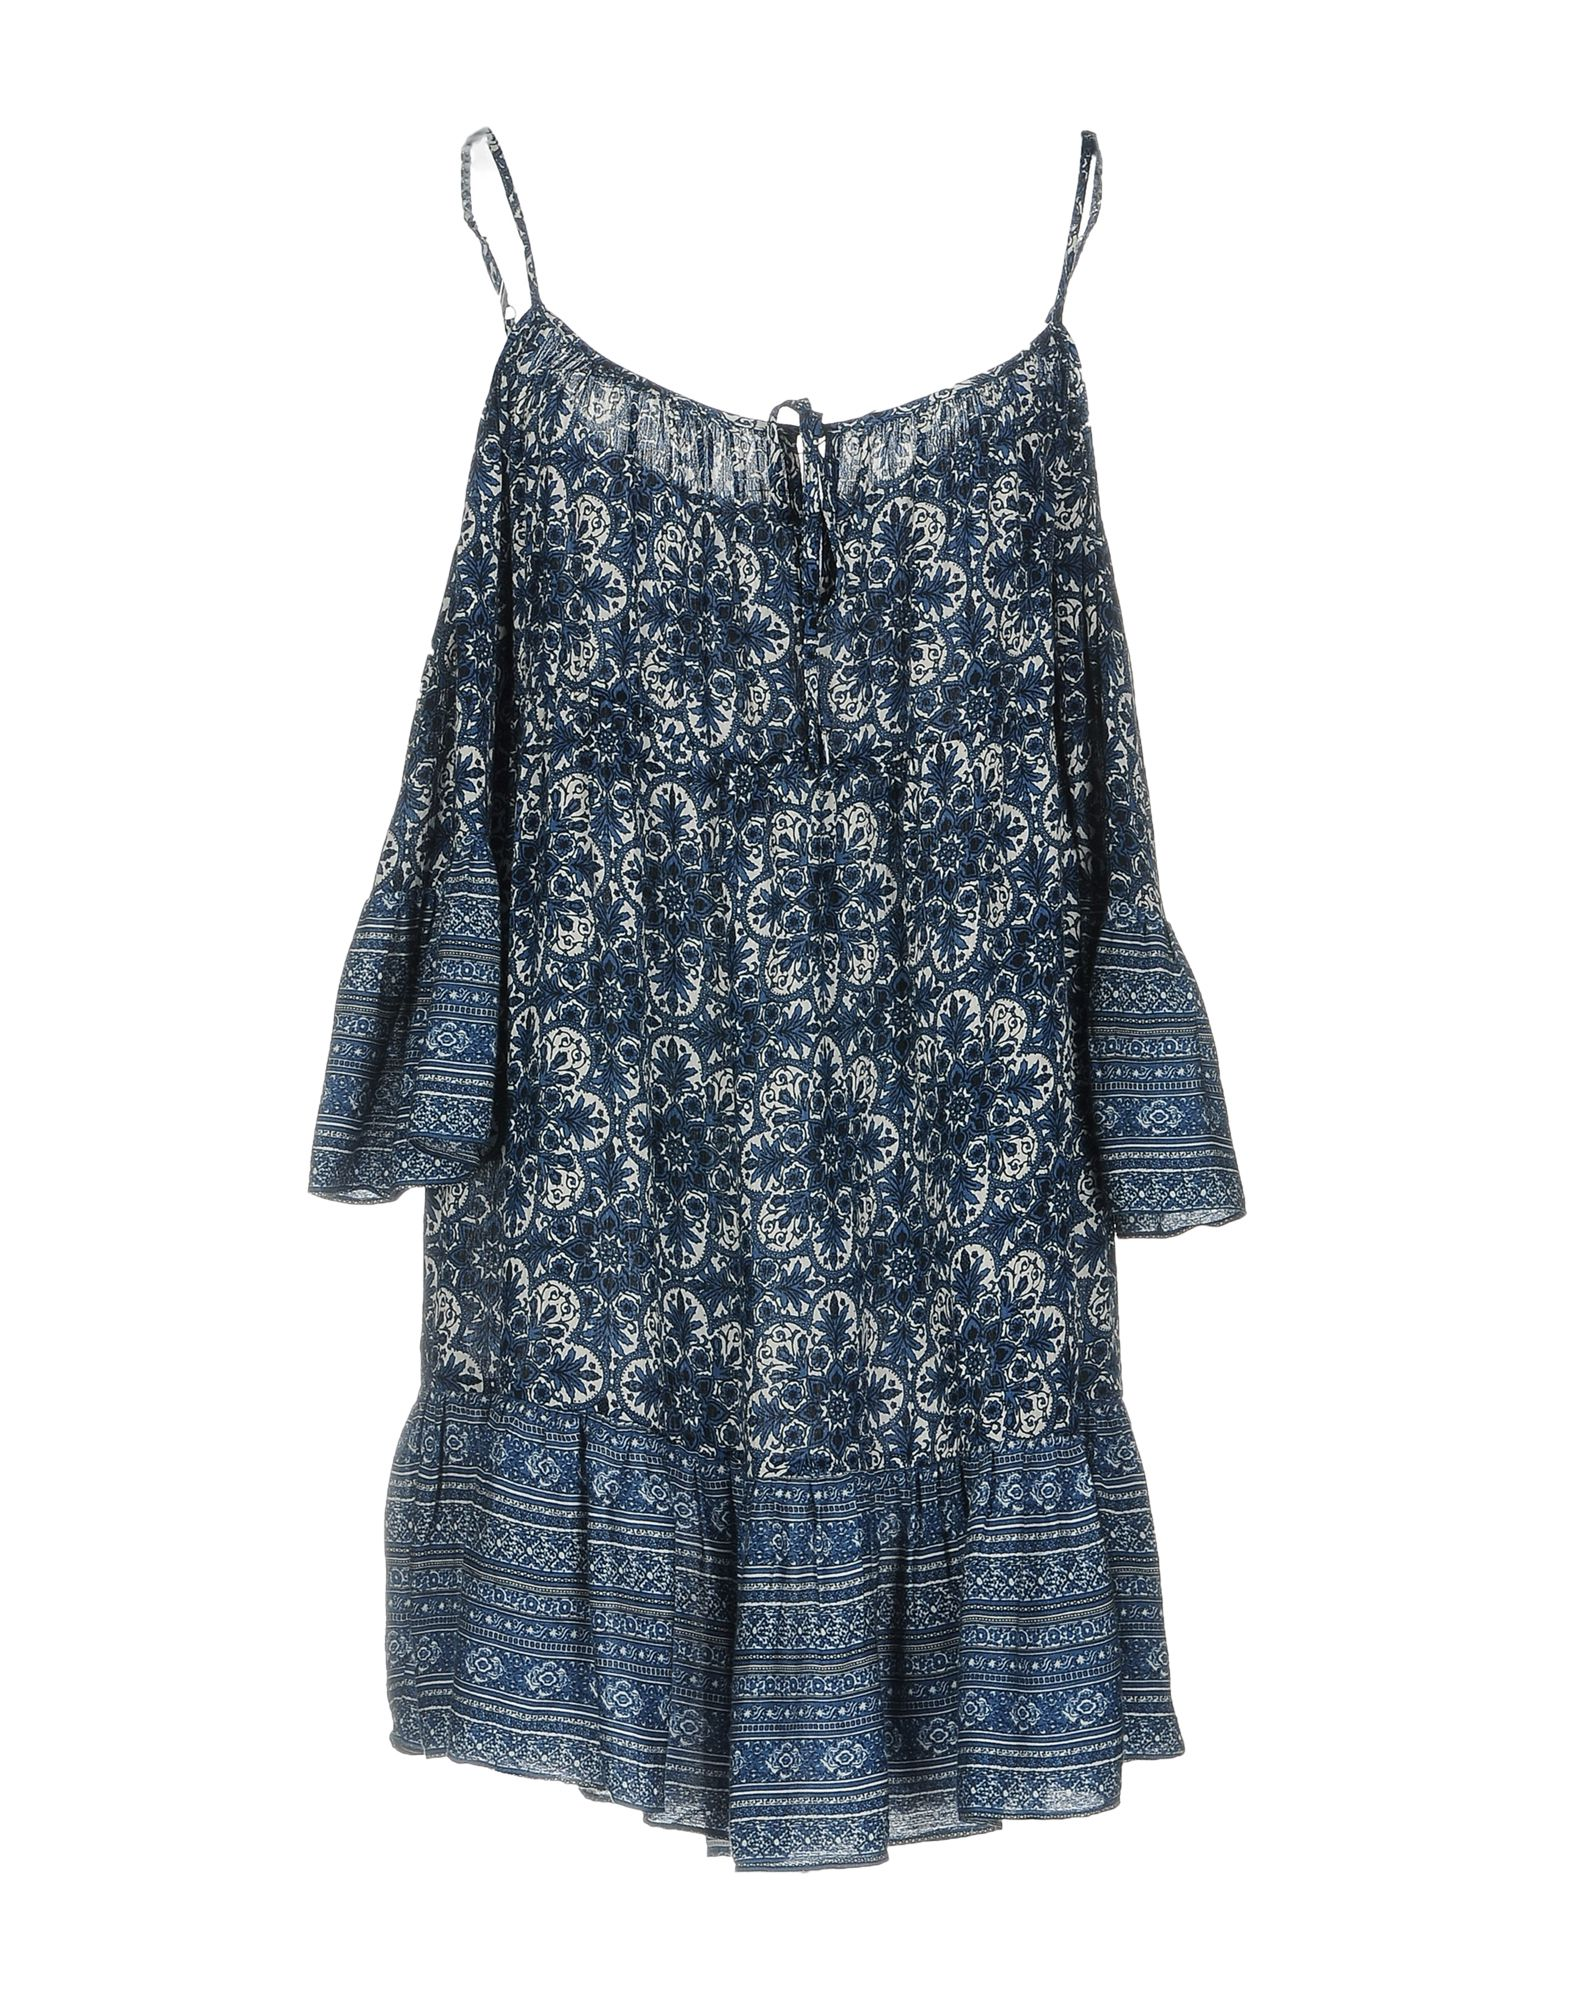 Фото LÉ SALTY LABEL Короткое платье